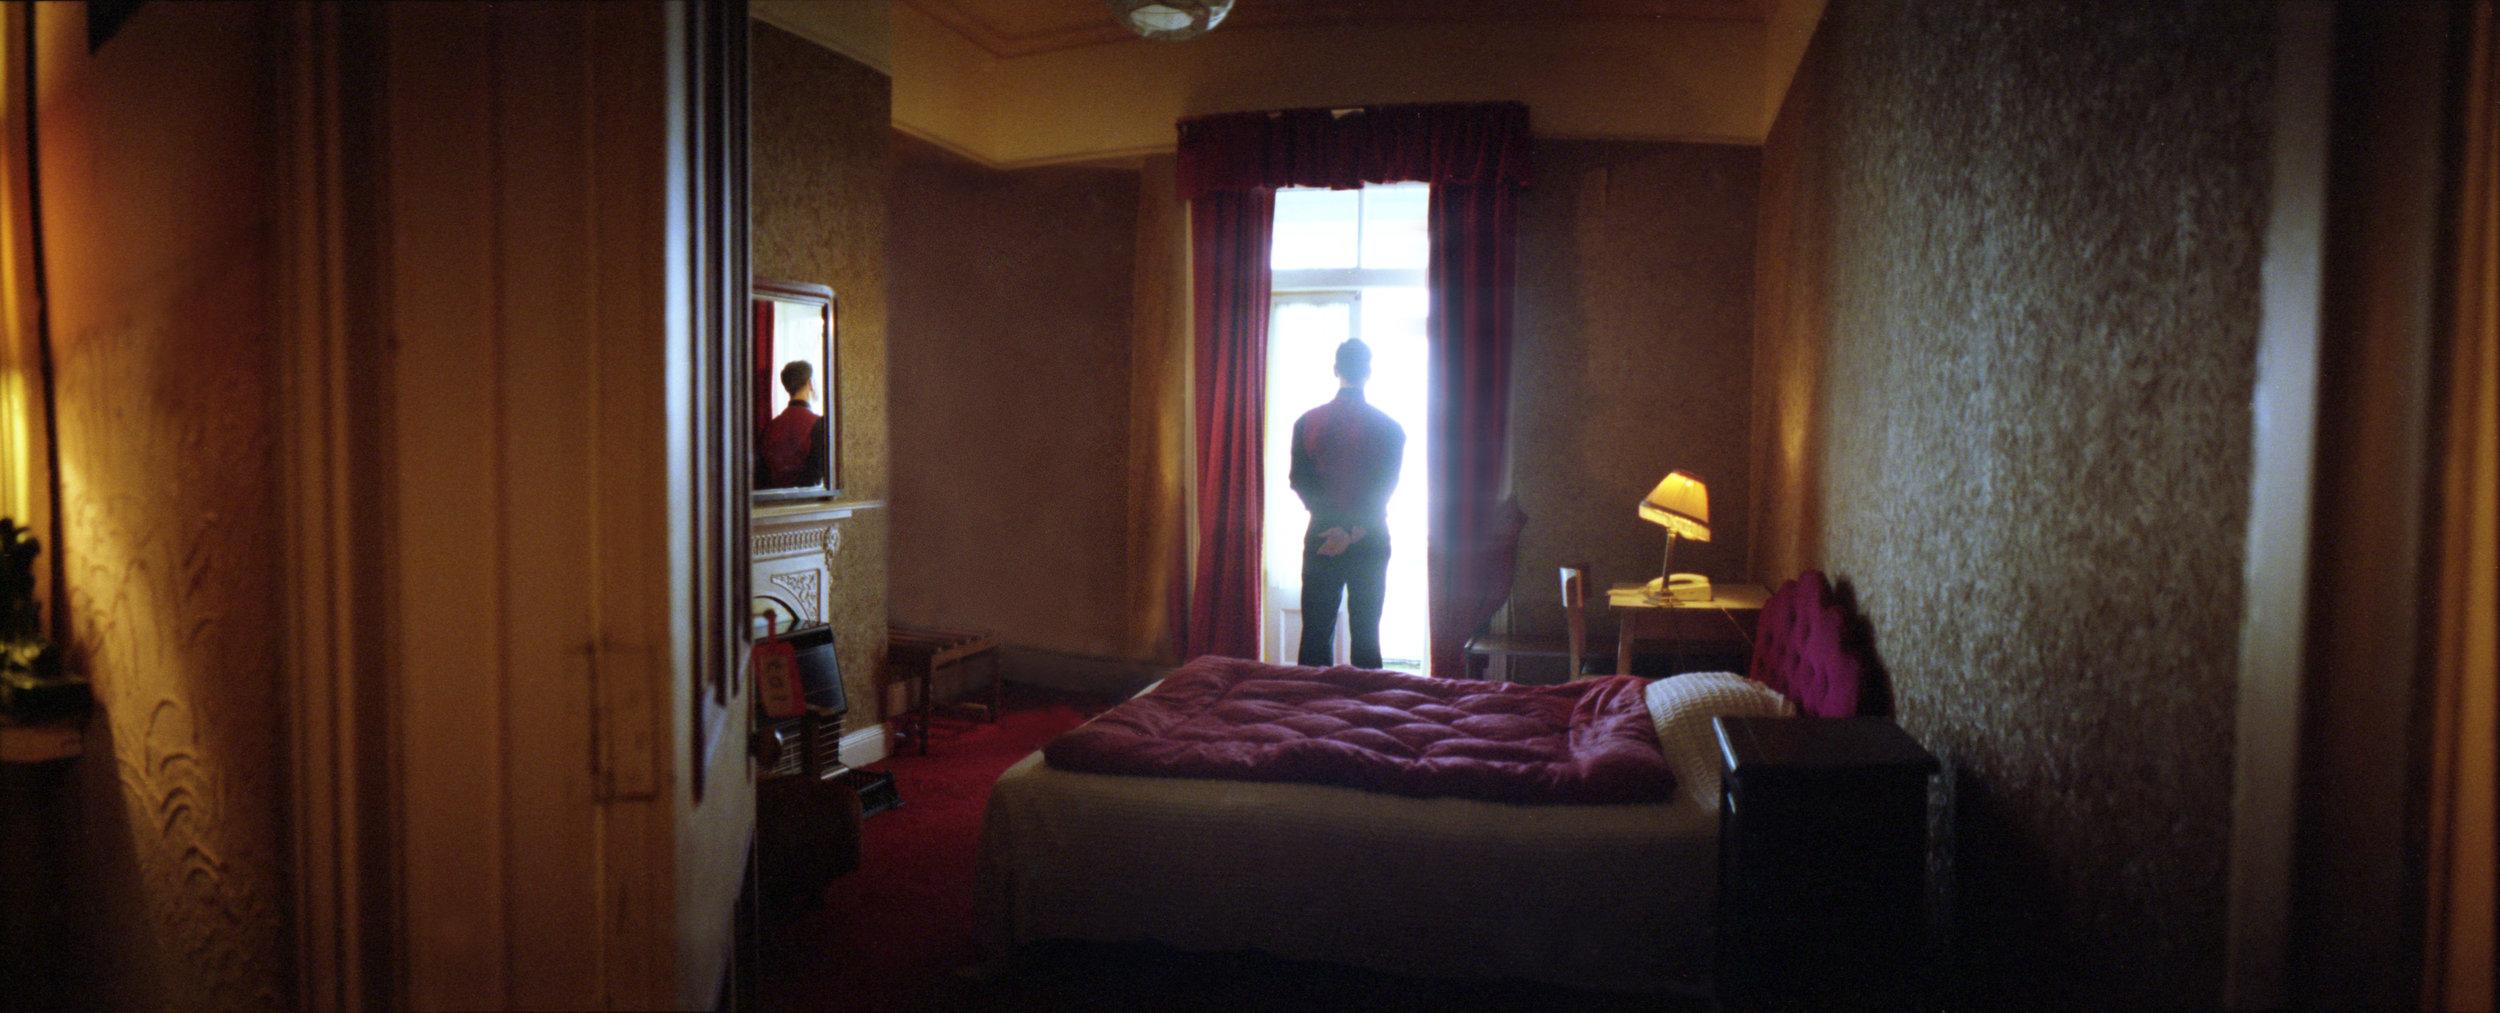 hotel47clean.jpg